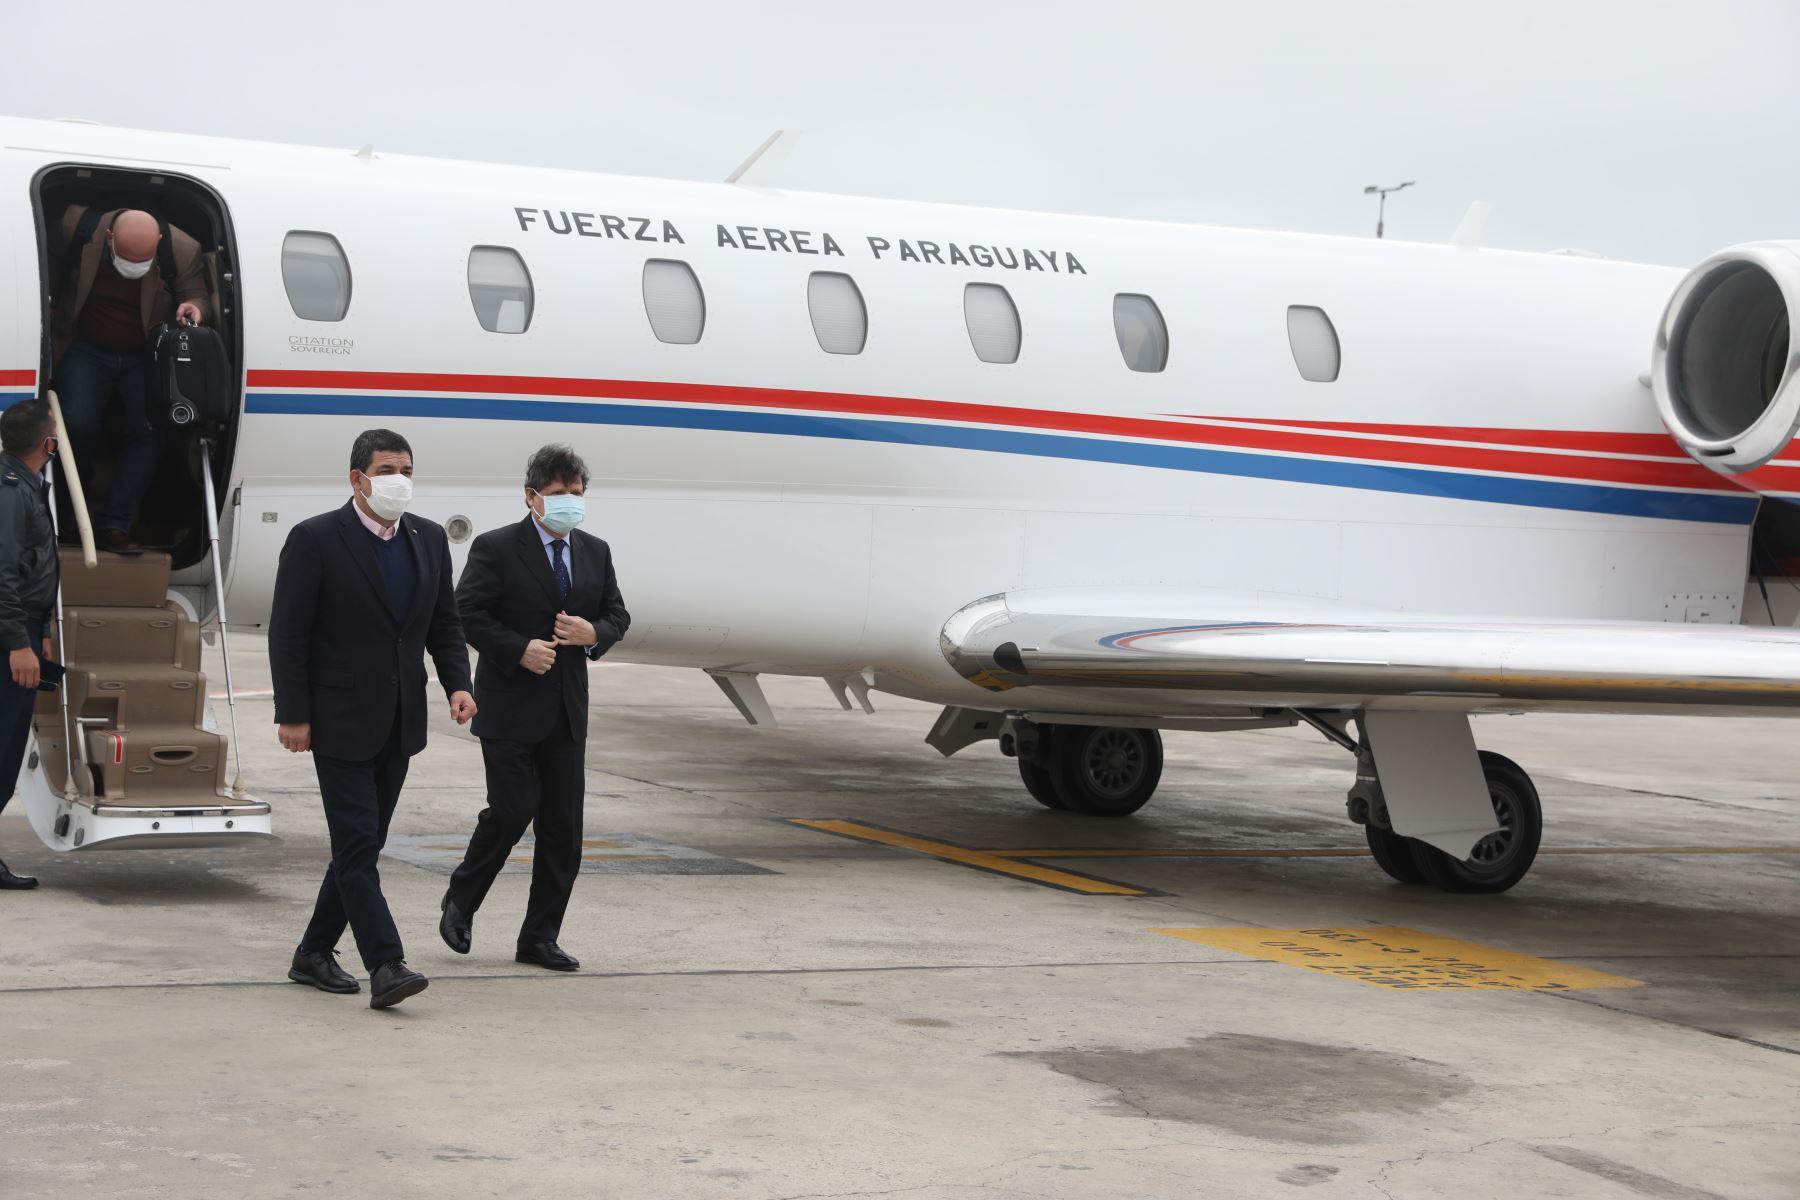 El vicepresidente de Paraguay, Hugo Velásquez, arriba al Grupo Aéreo Nº 8 para estar presente en la toma de posesión del presidente electo, Pedro Castillo. Delegación fue recibida por el ministro de Justicia, Eduardo Ernesto Vega.  Foto: ANDINA/Andrés Valle